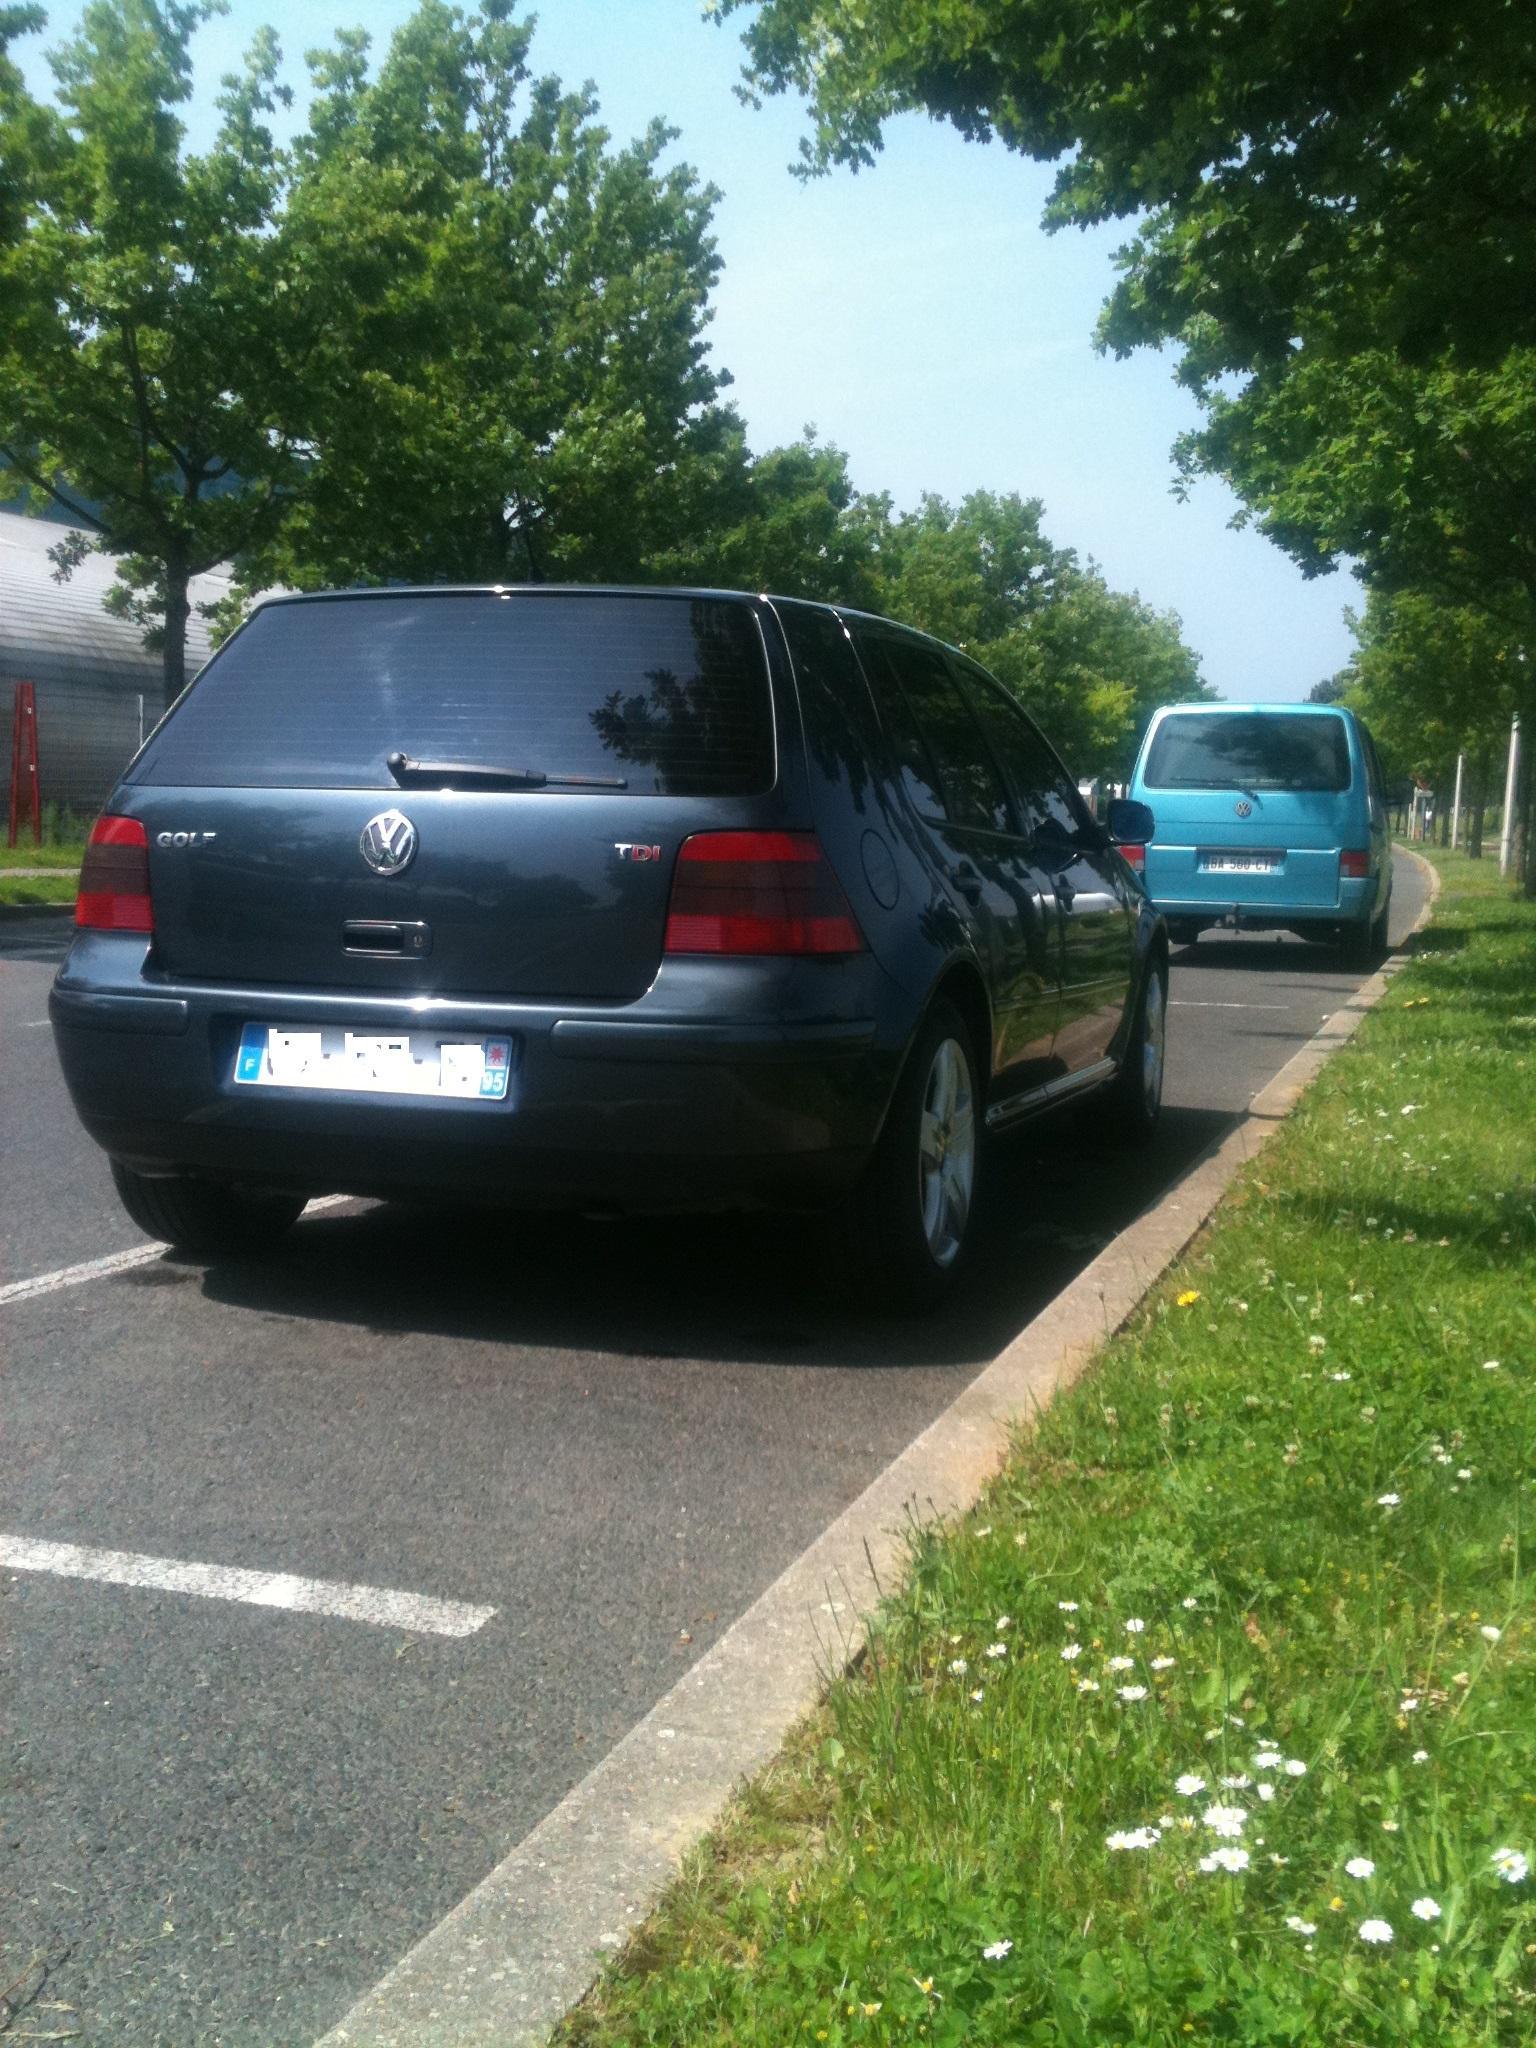 Vwgolfiv tdi100edition abd95 new garage bient t garage for Garage volkswagen 95